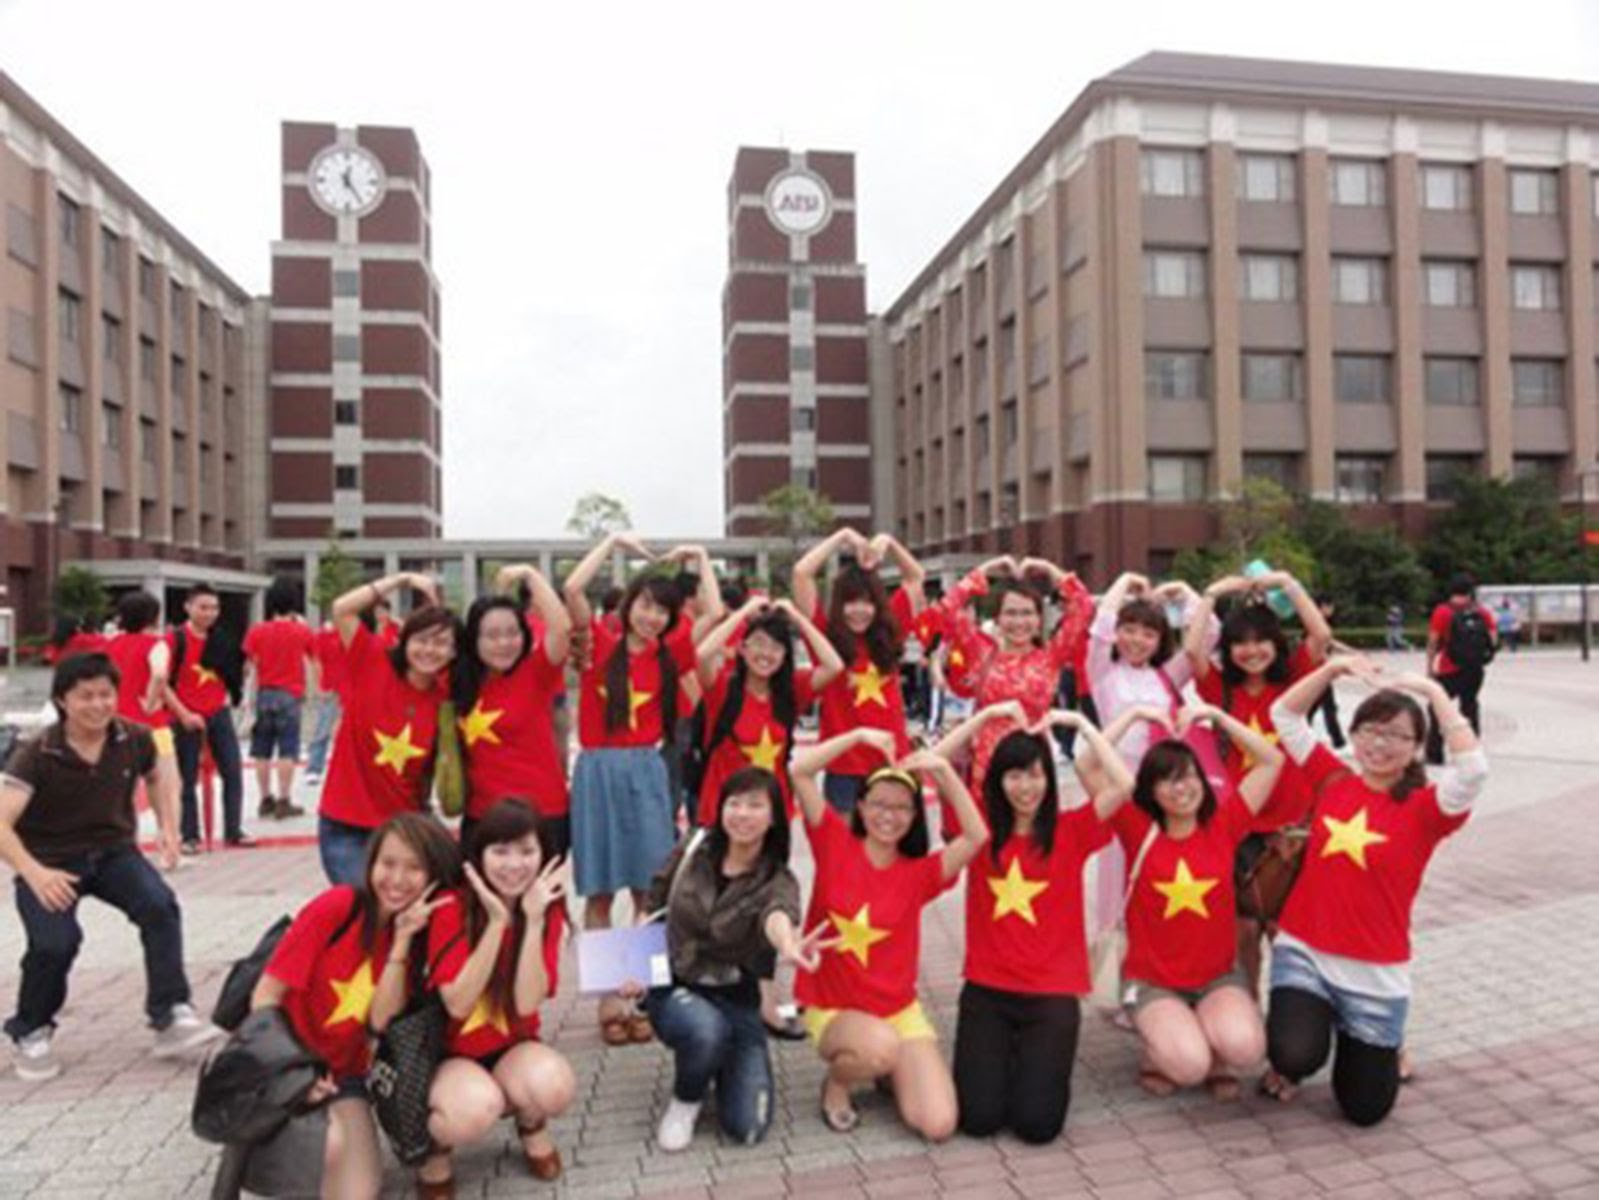 Đi du học Hàn Quốc cần chuẩn bị những gì?